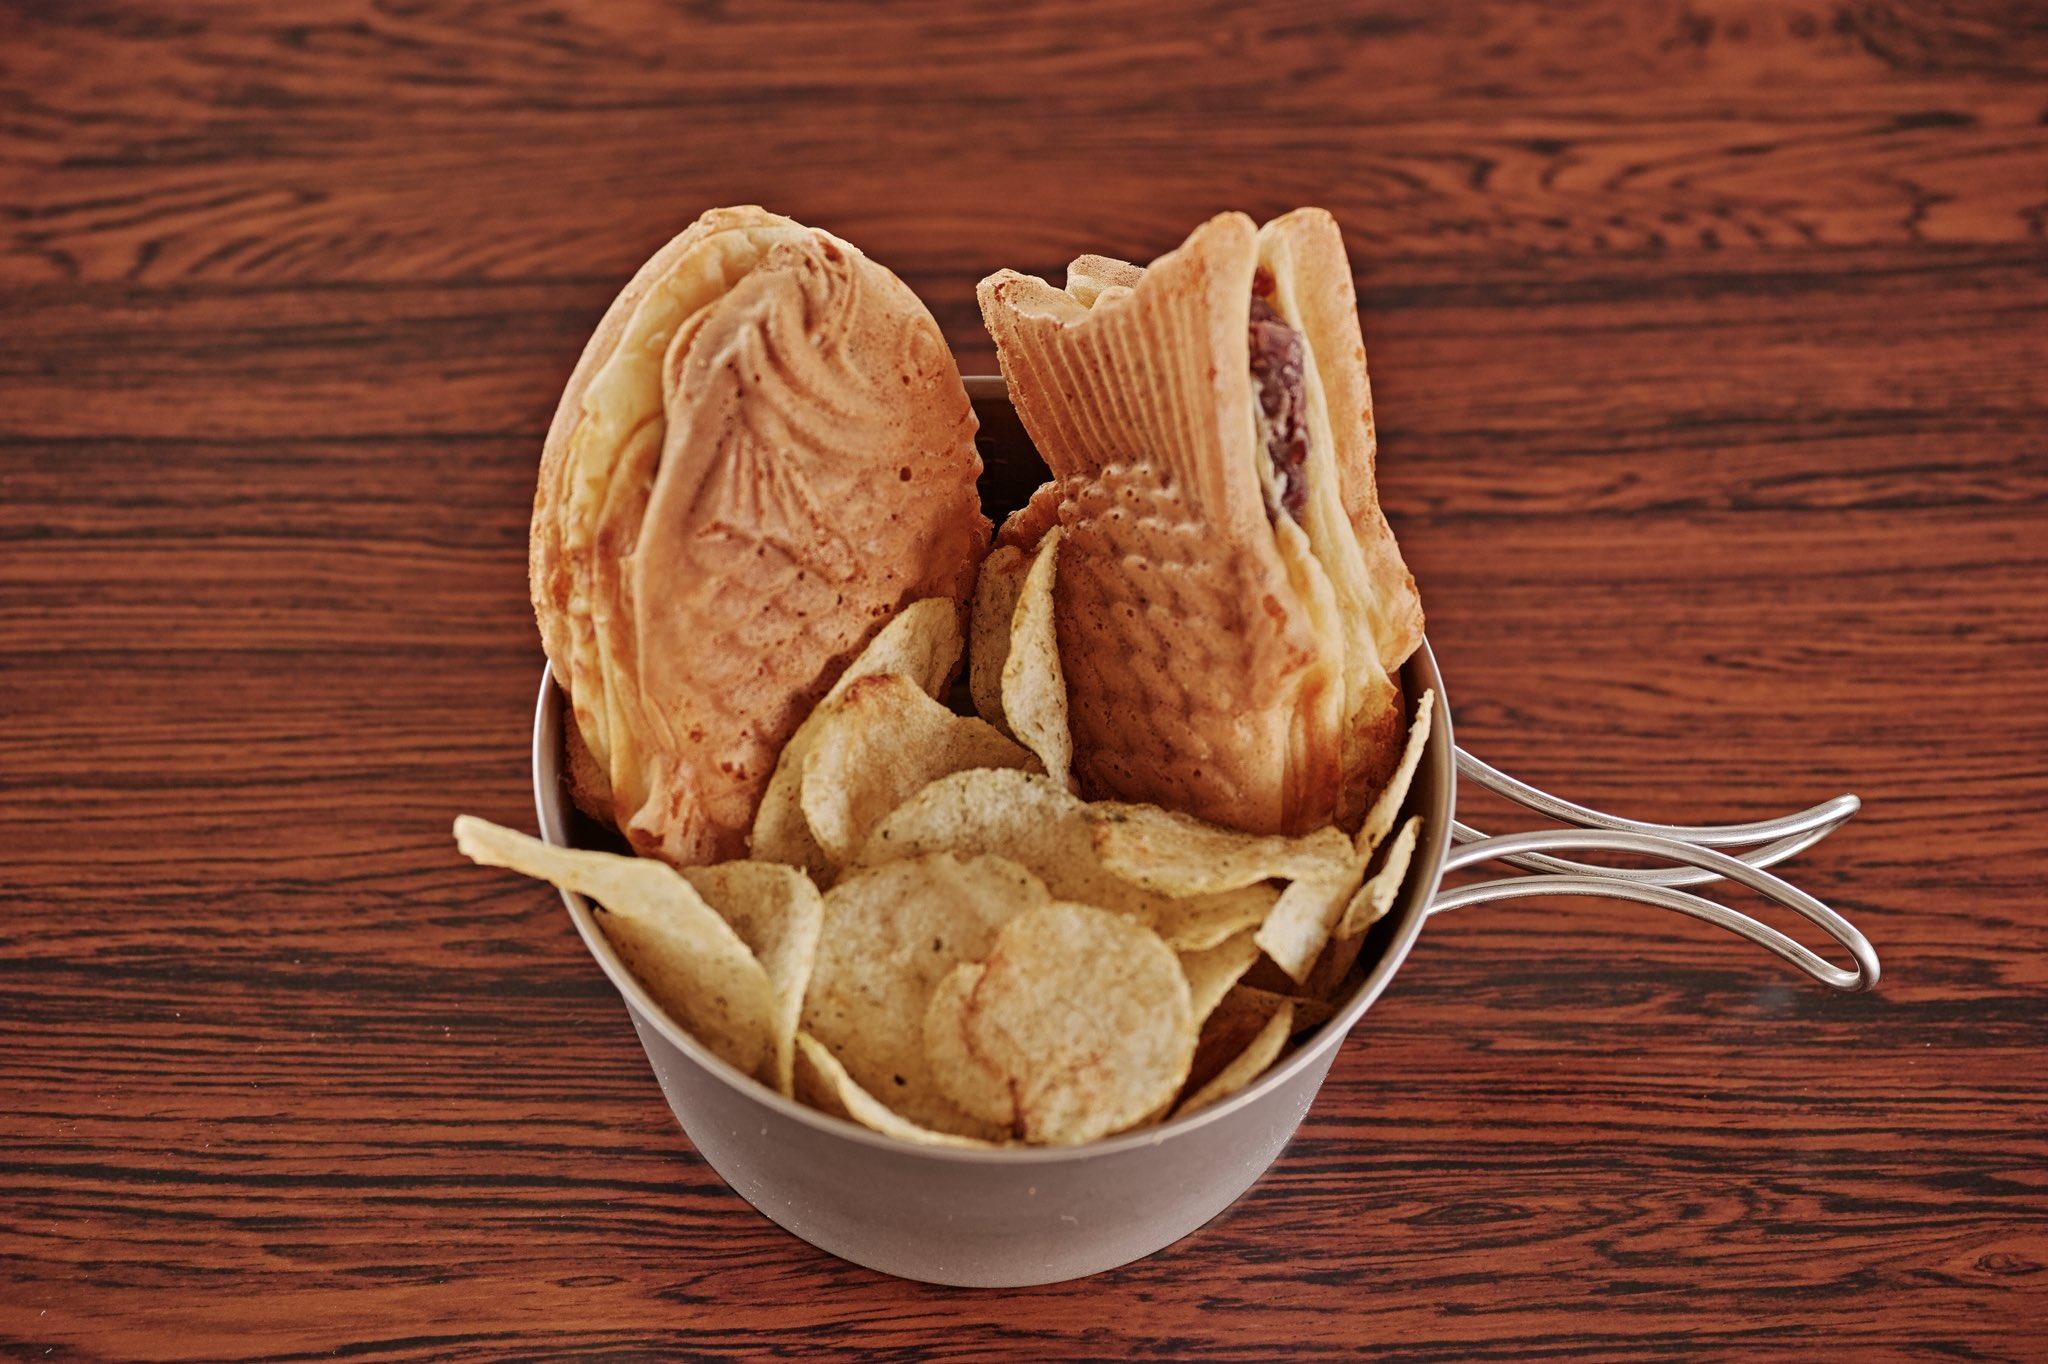 フィッシュ&チップスってどんな食べ物ですか?と若者に聞かれたのでご馳走した。 わからない事があれば私になんでも聞きなさい。